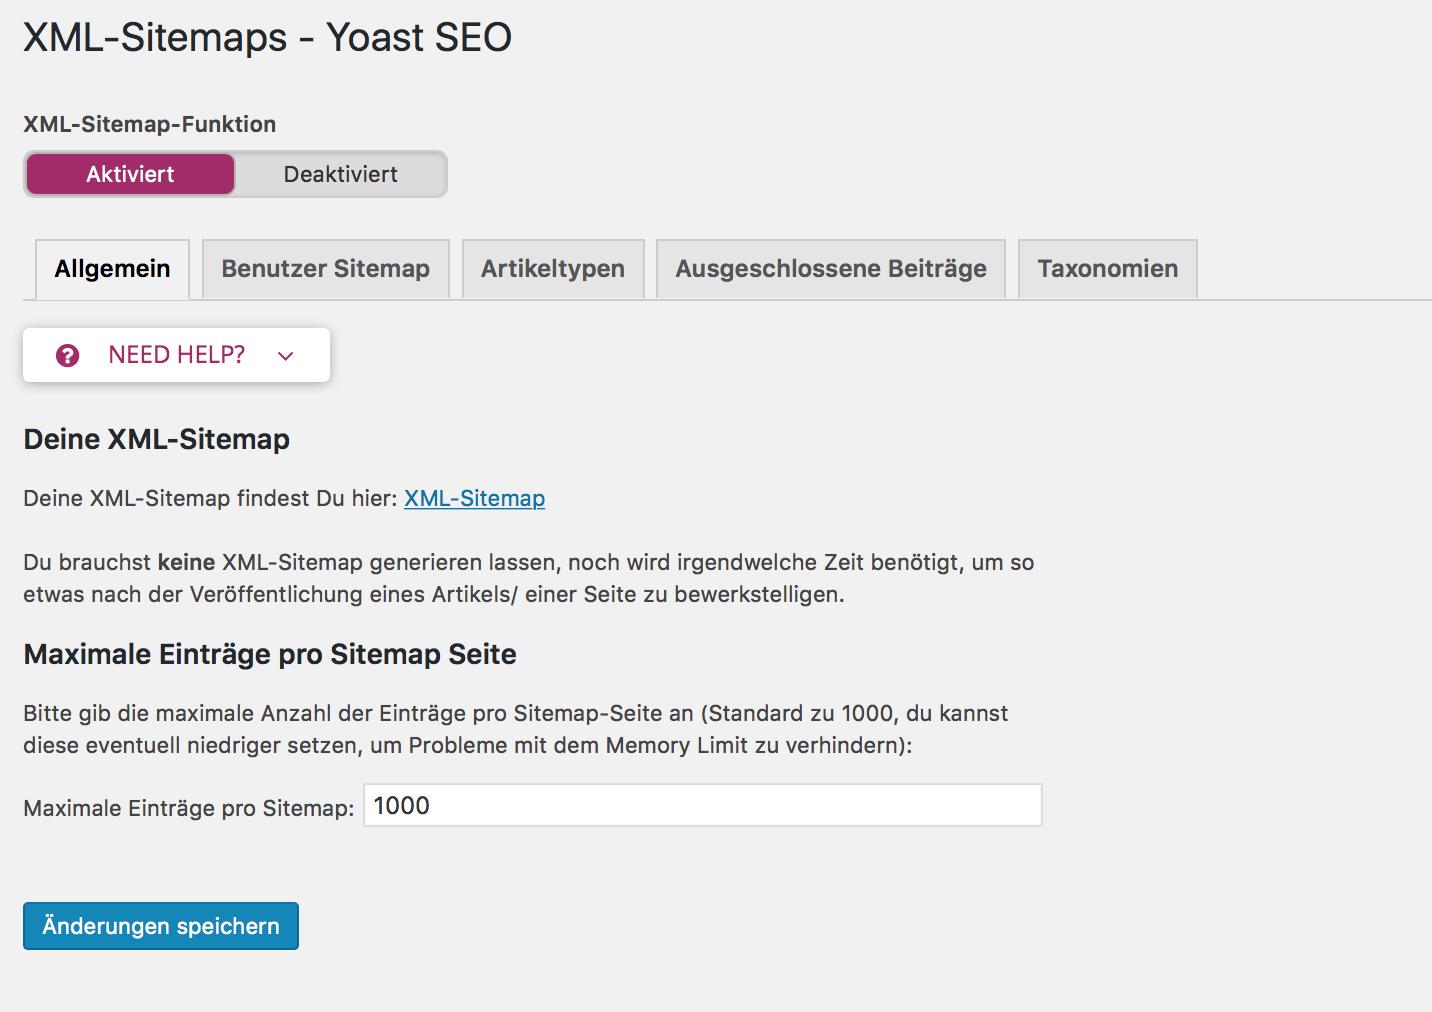 Yoast XML Sitemaps einstellen